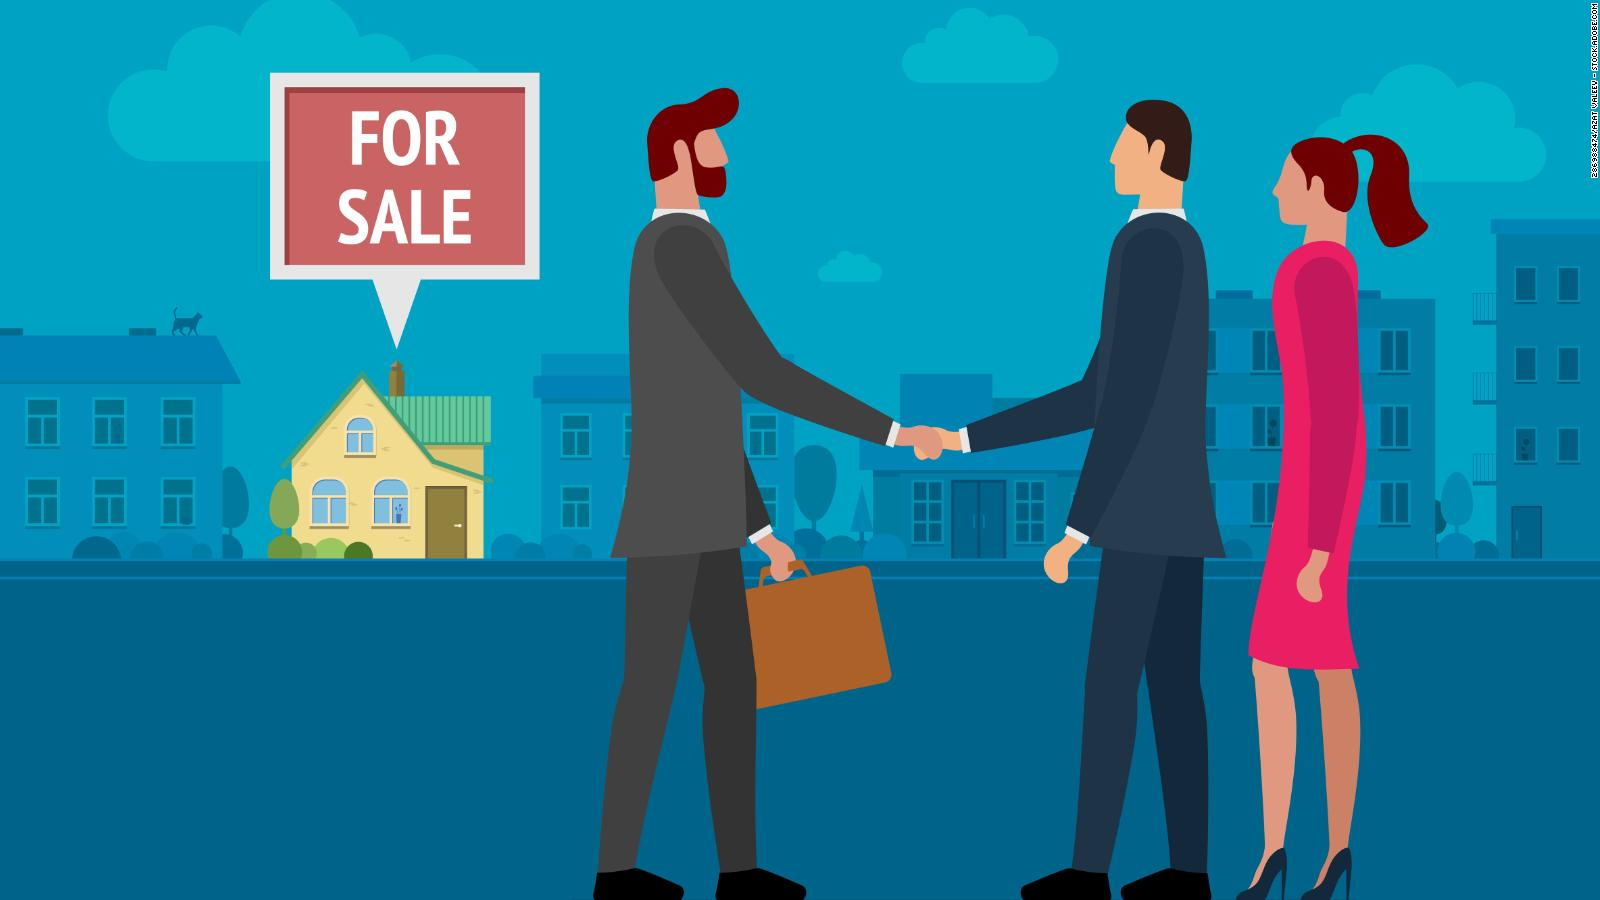 ¿Cómo presentar la mejor oferta para comprar una propiedad en EE.UU.? 4 consejos infalibles